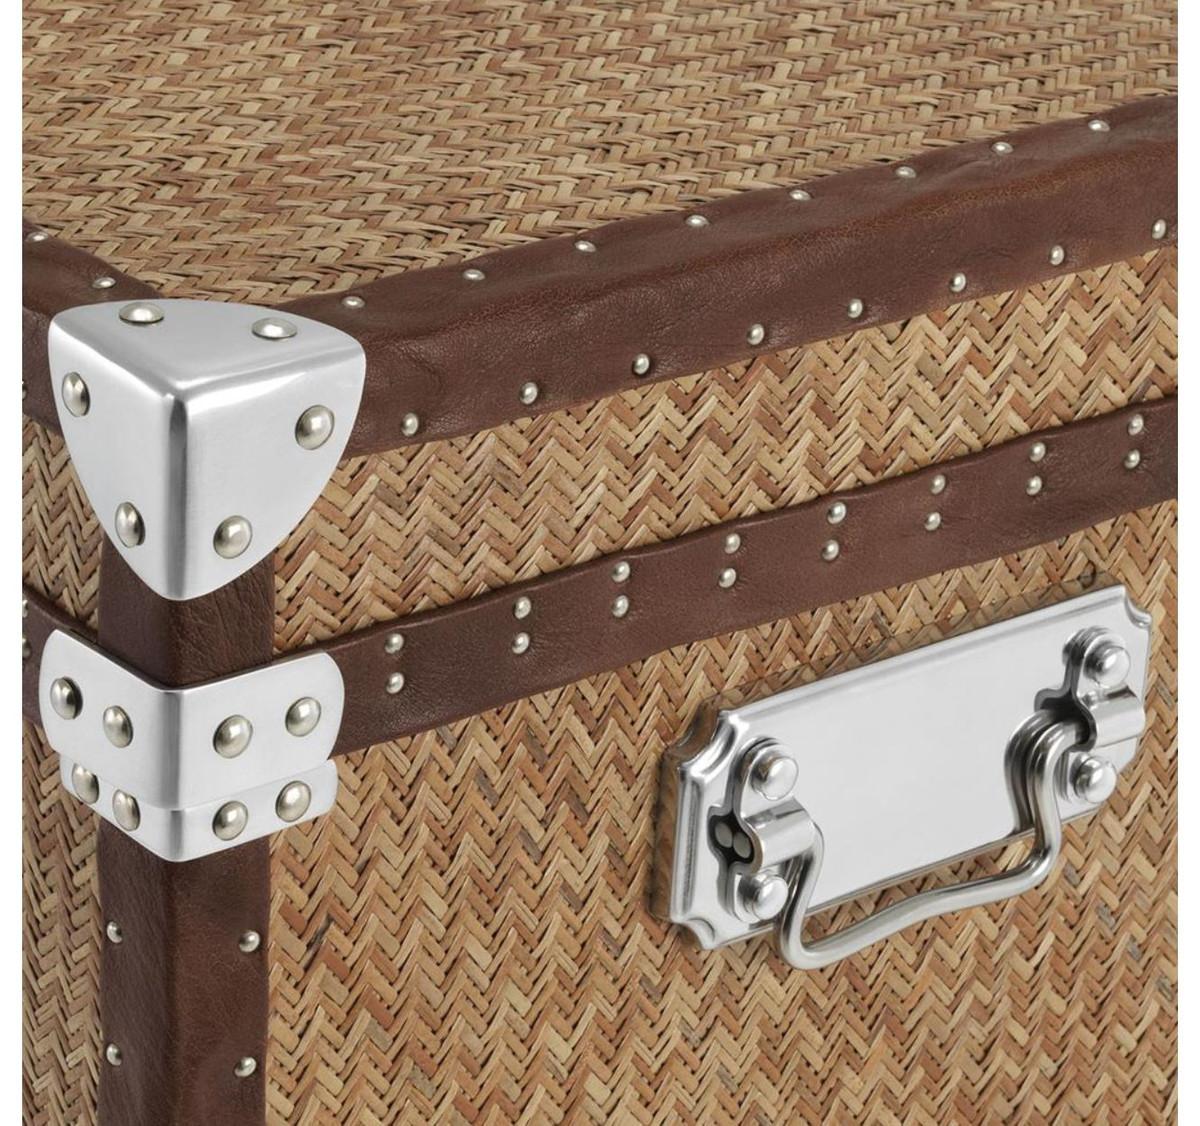 Casa padrino luxus couchtisch im vintage koffer design 85 for Tisch koffer design